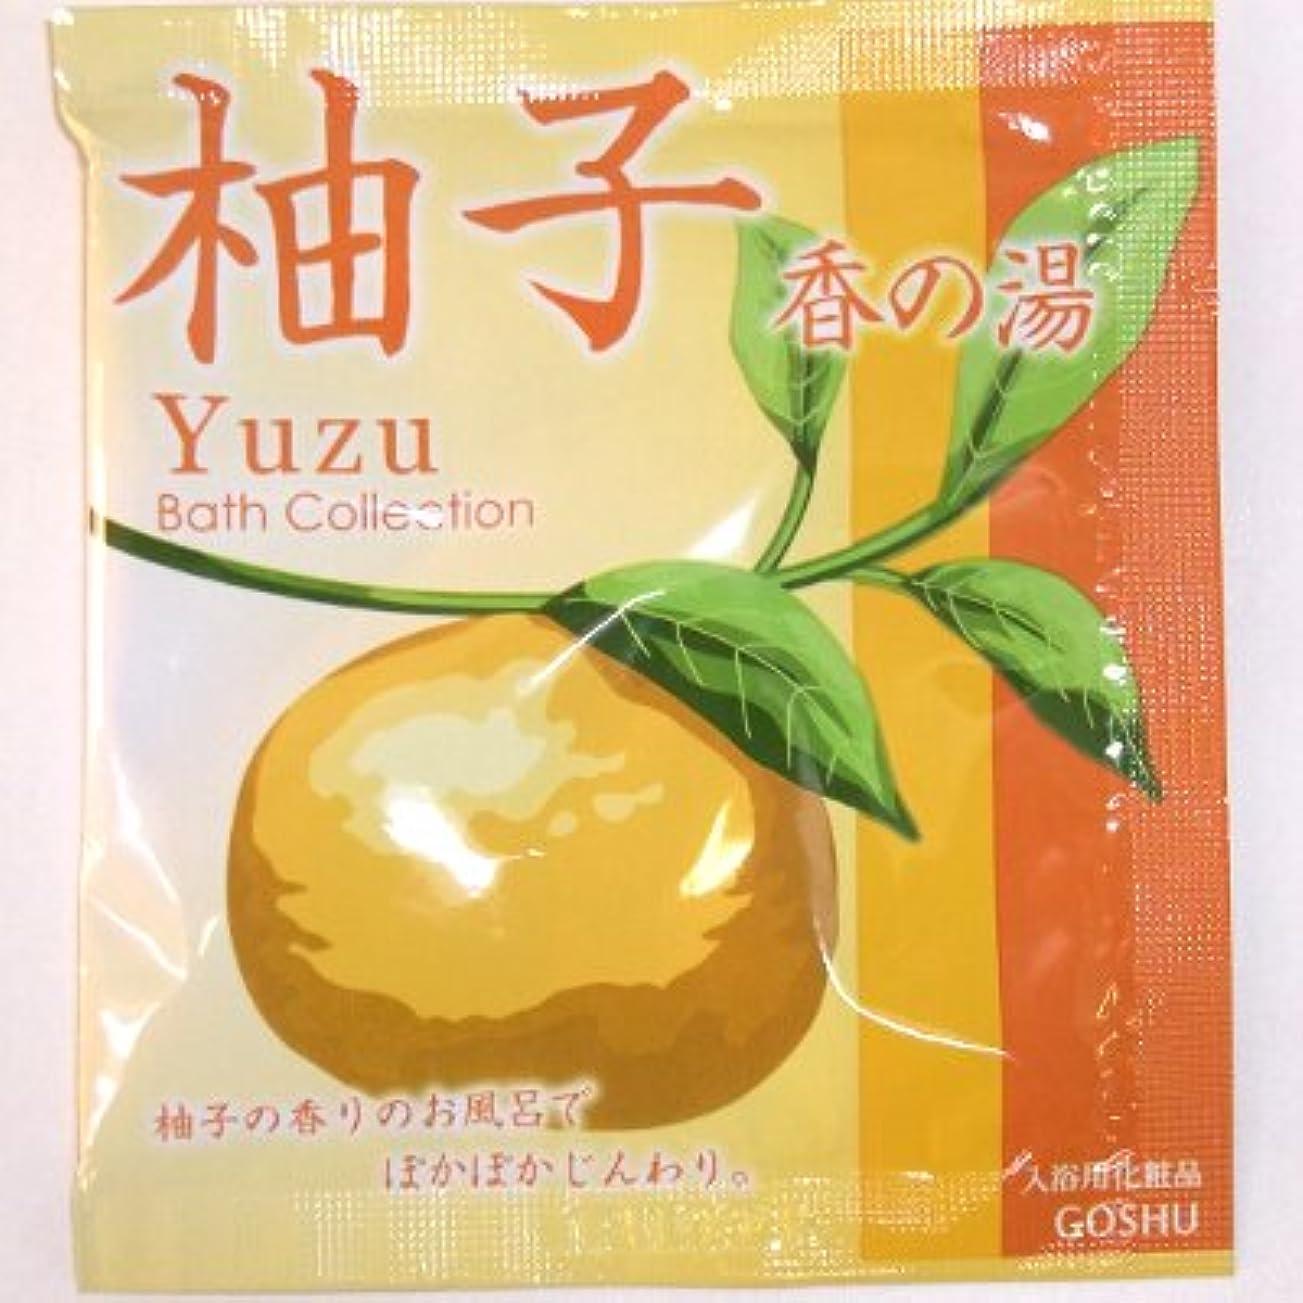 マンハッタンテープシーケンス香の湯 柚子